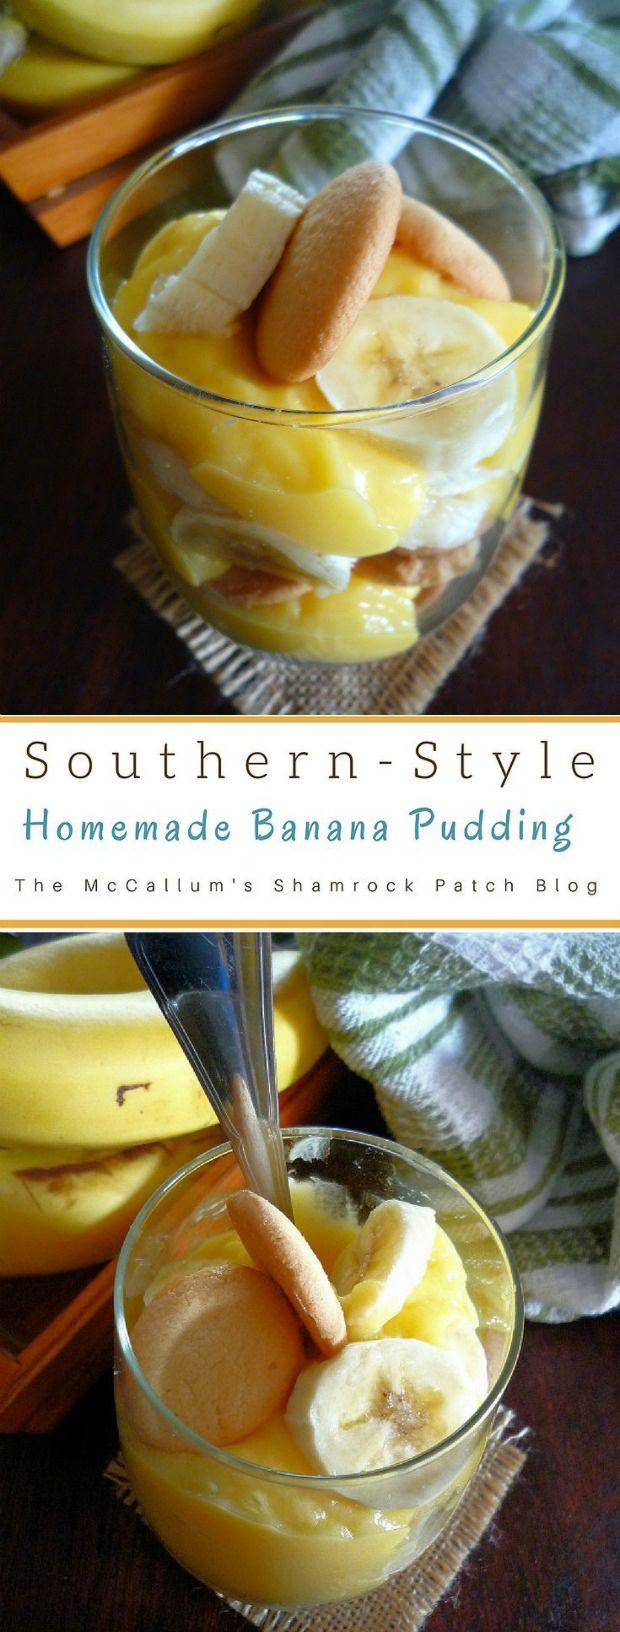 Southern-Style Homemade Banana Pudding